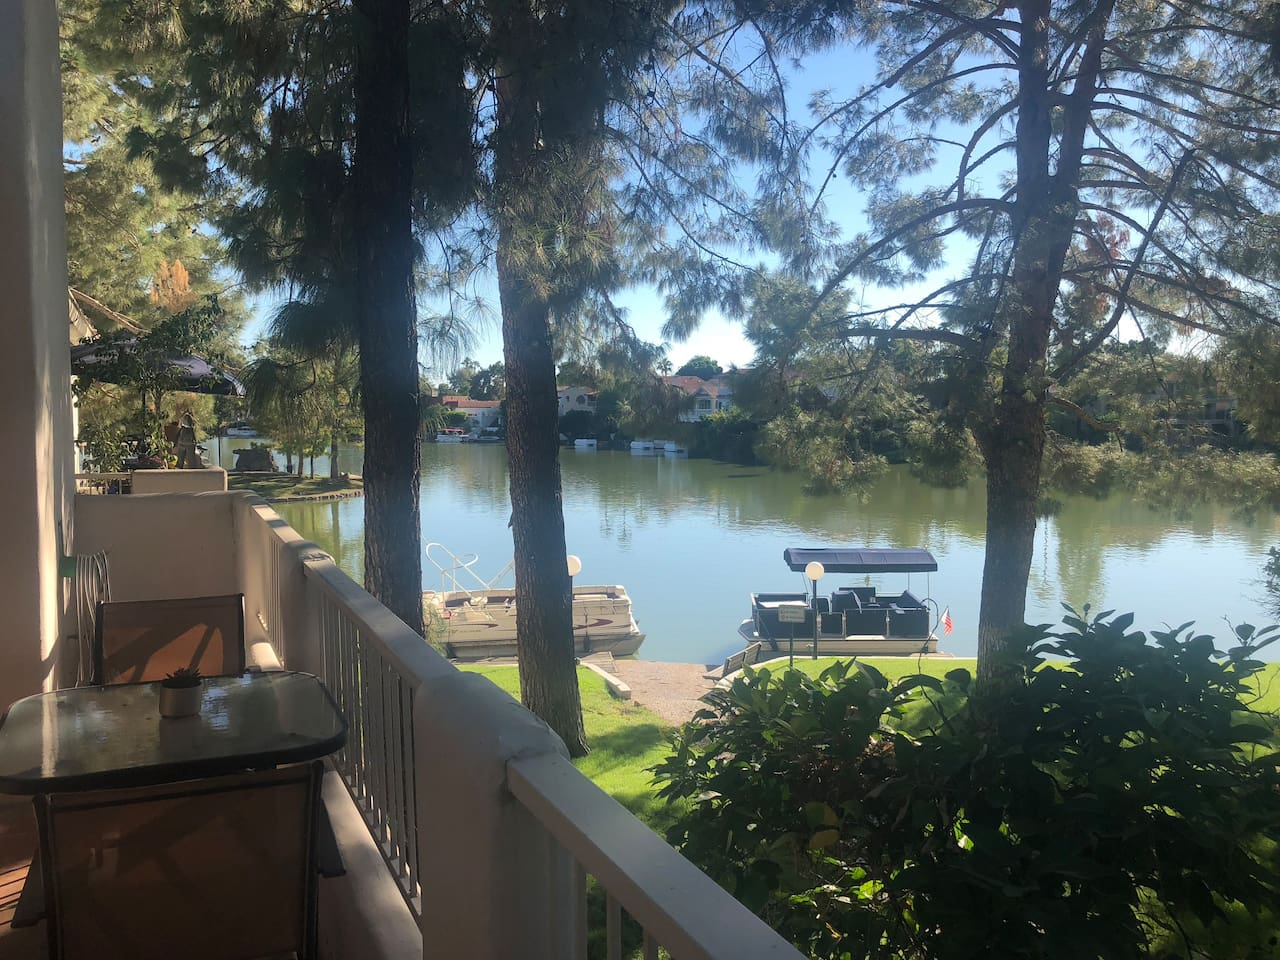 Lake views!